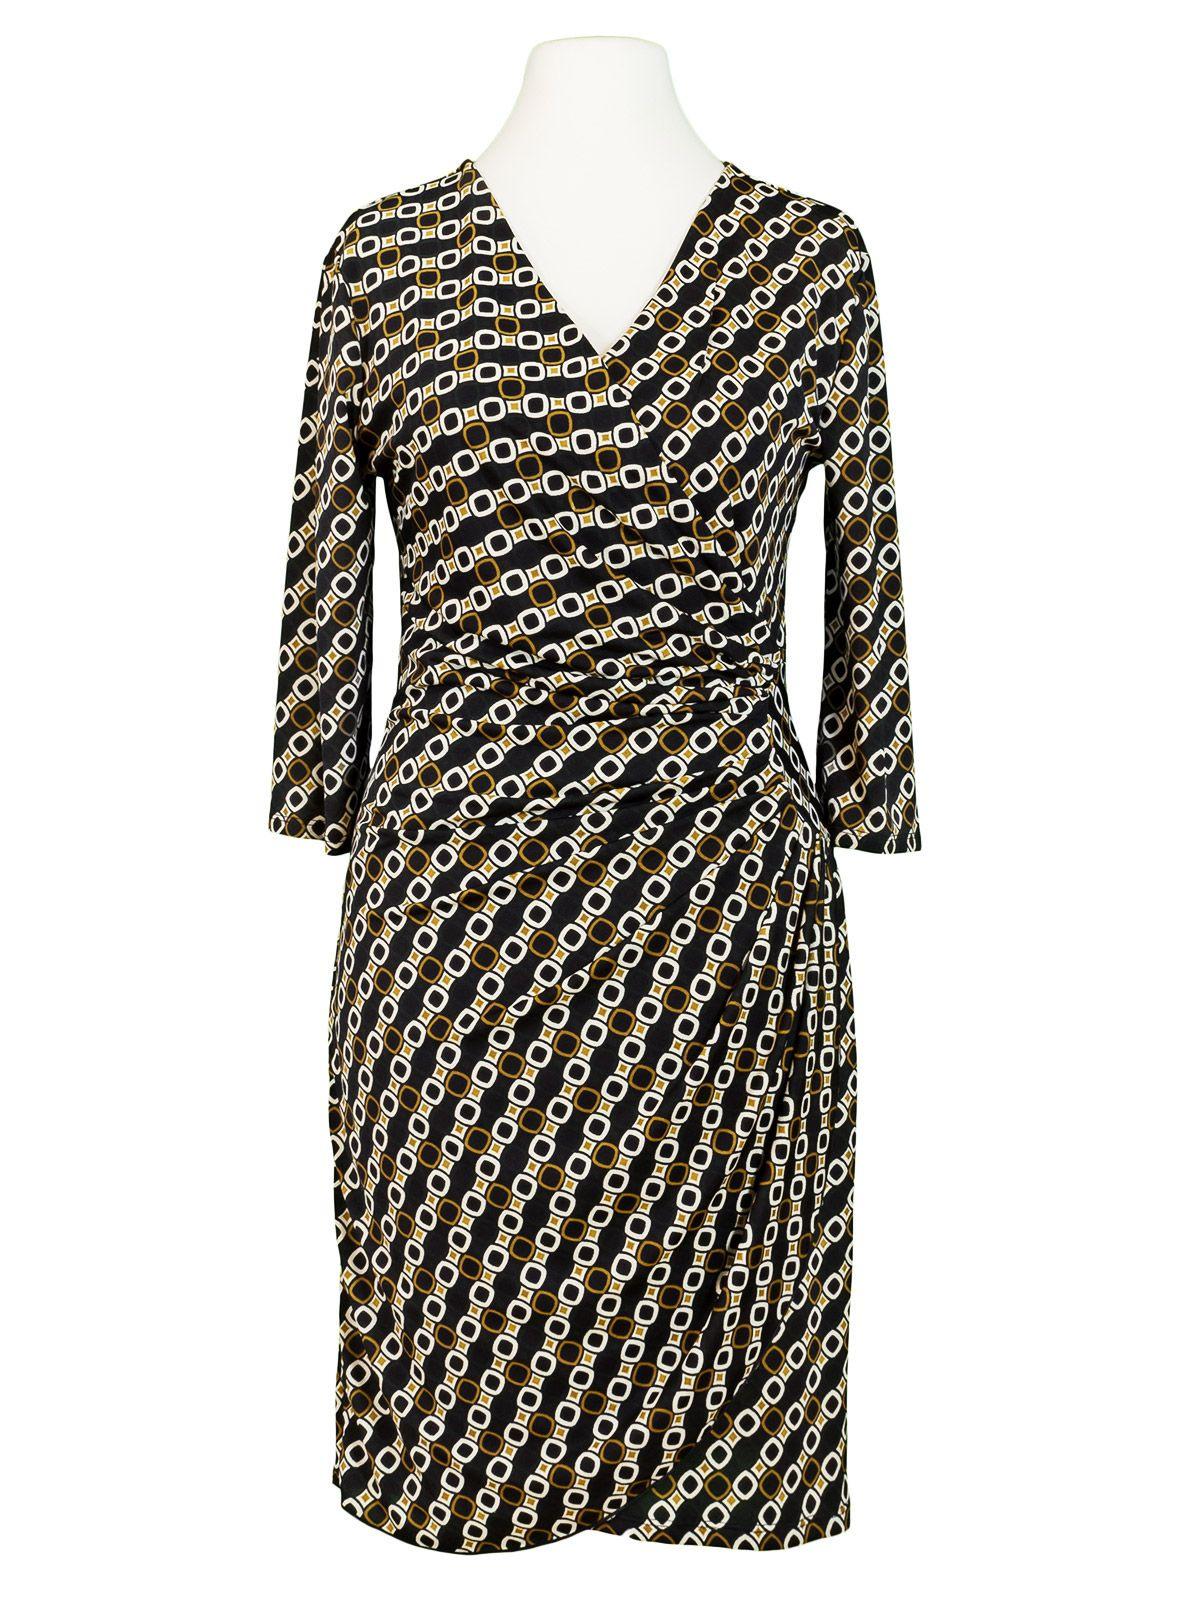 Damen Jerseykleid Kettenmuster Schwarz Von Lady Lol Paris